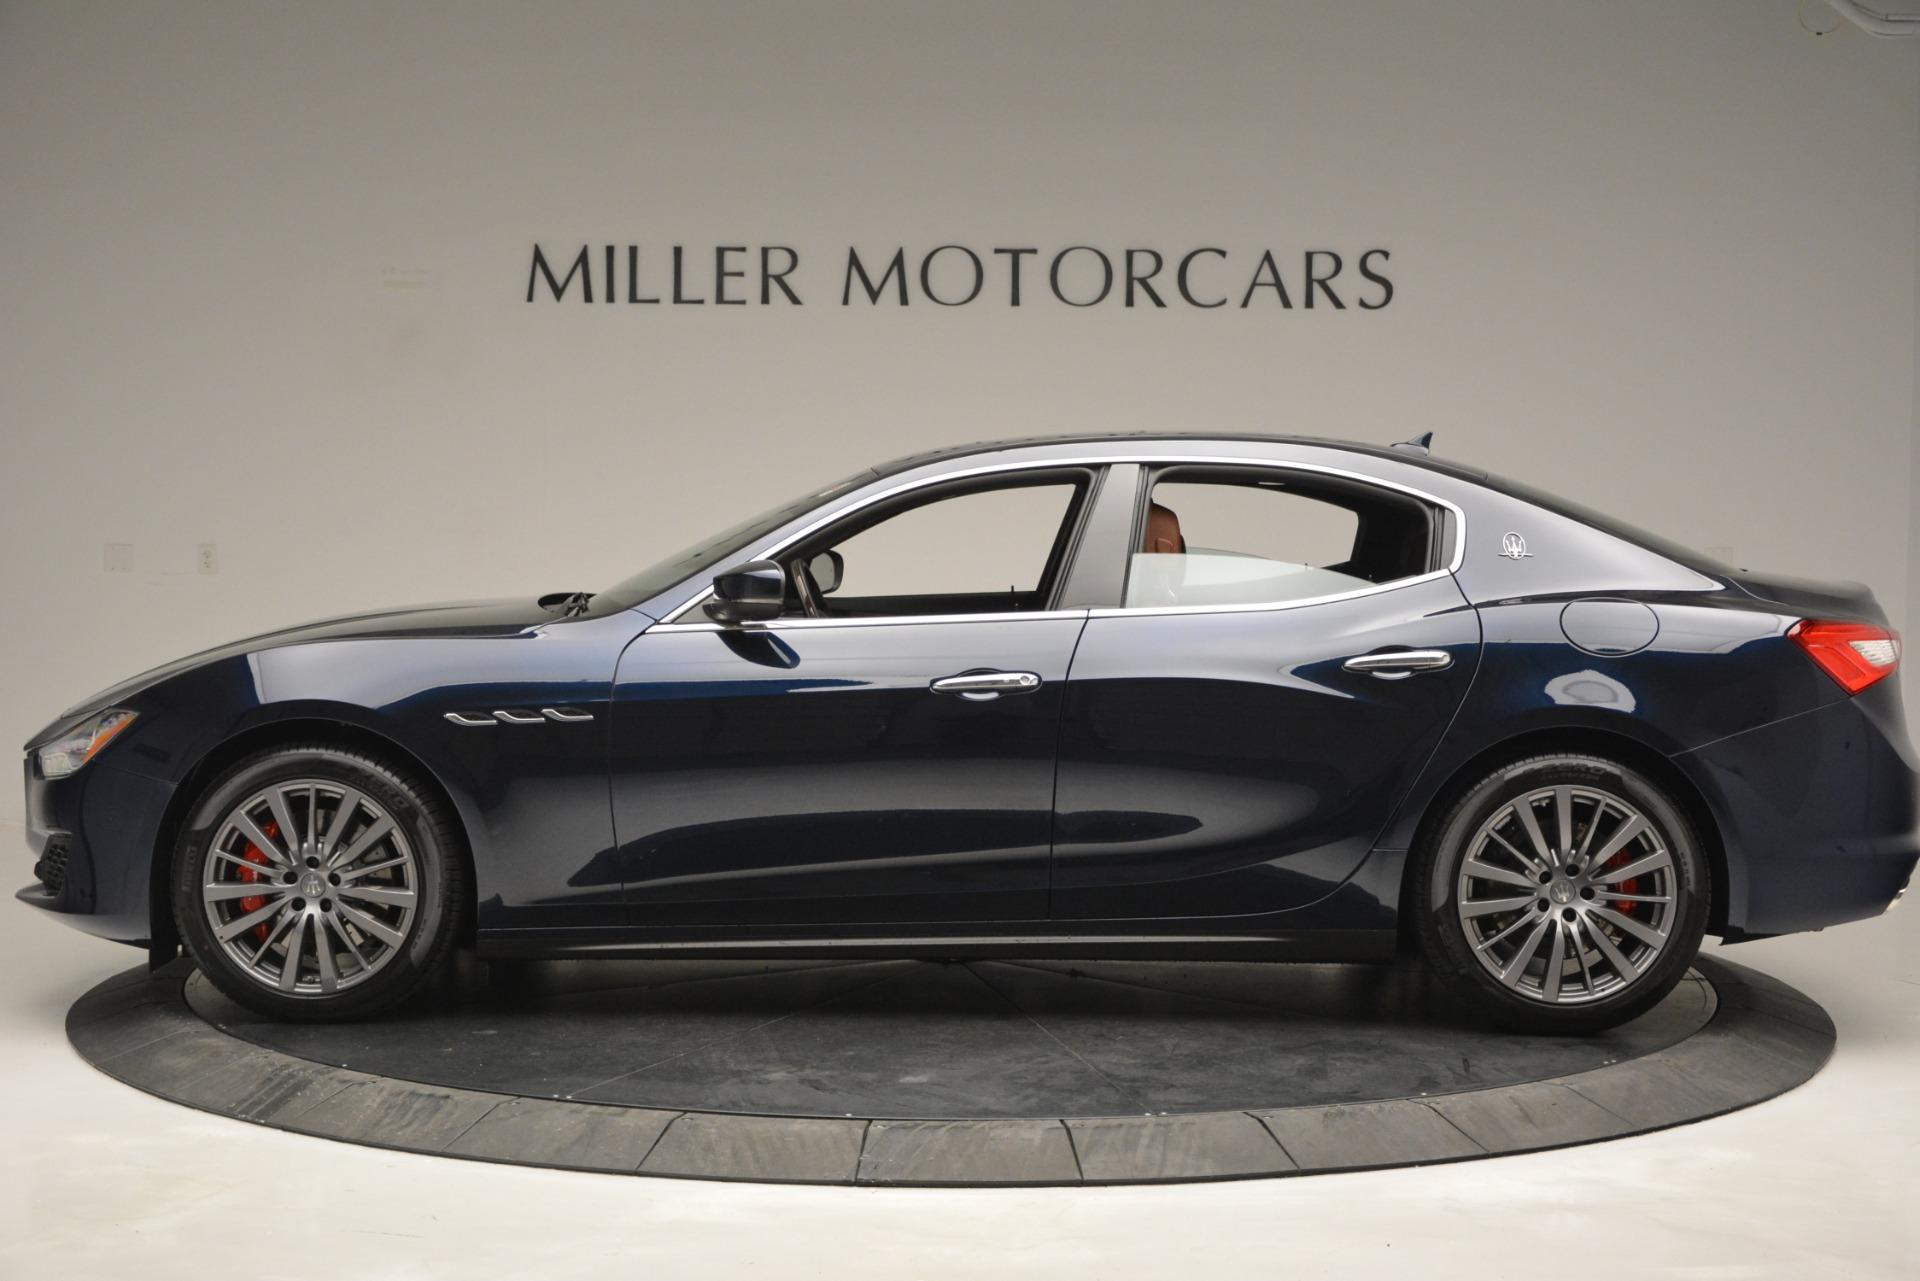 New 2019 Maserati Ghibli S Q4 For Sale In Greenwich, CT 2862_p3